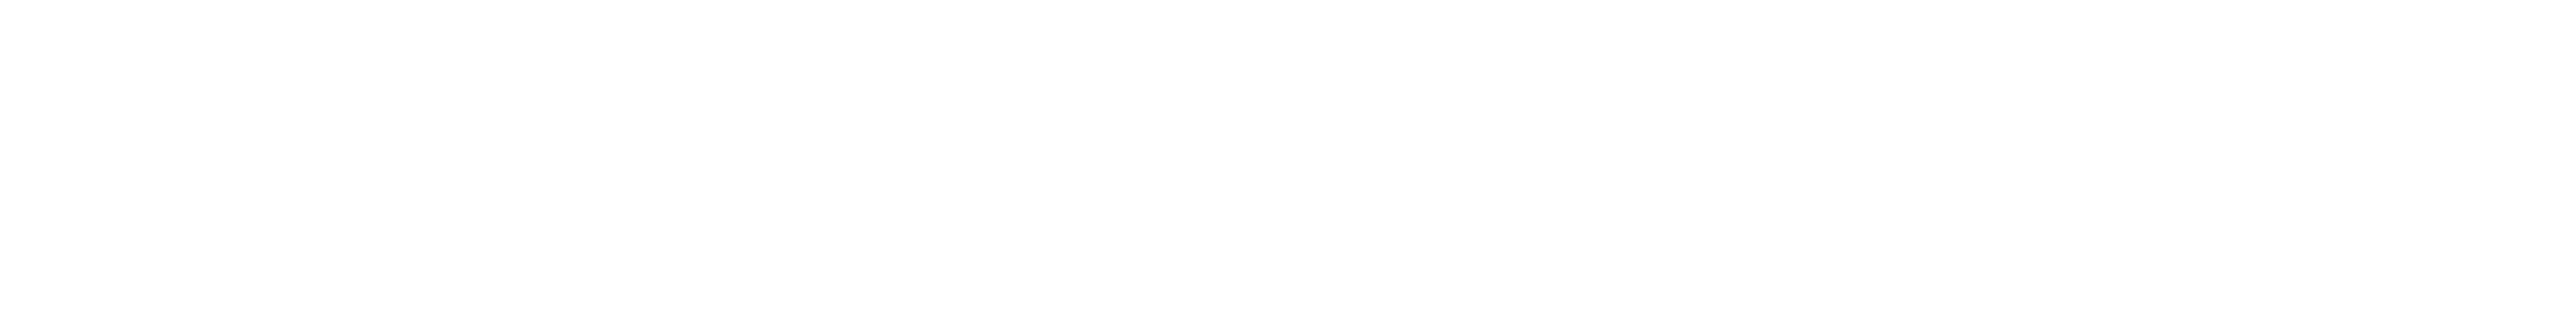 Contra Corrente - Revista de Estudos Literários